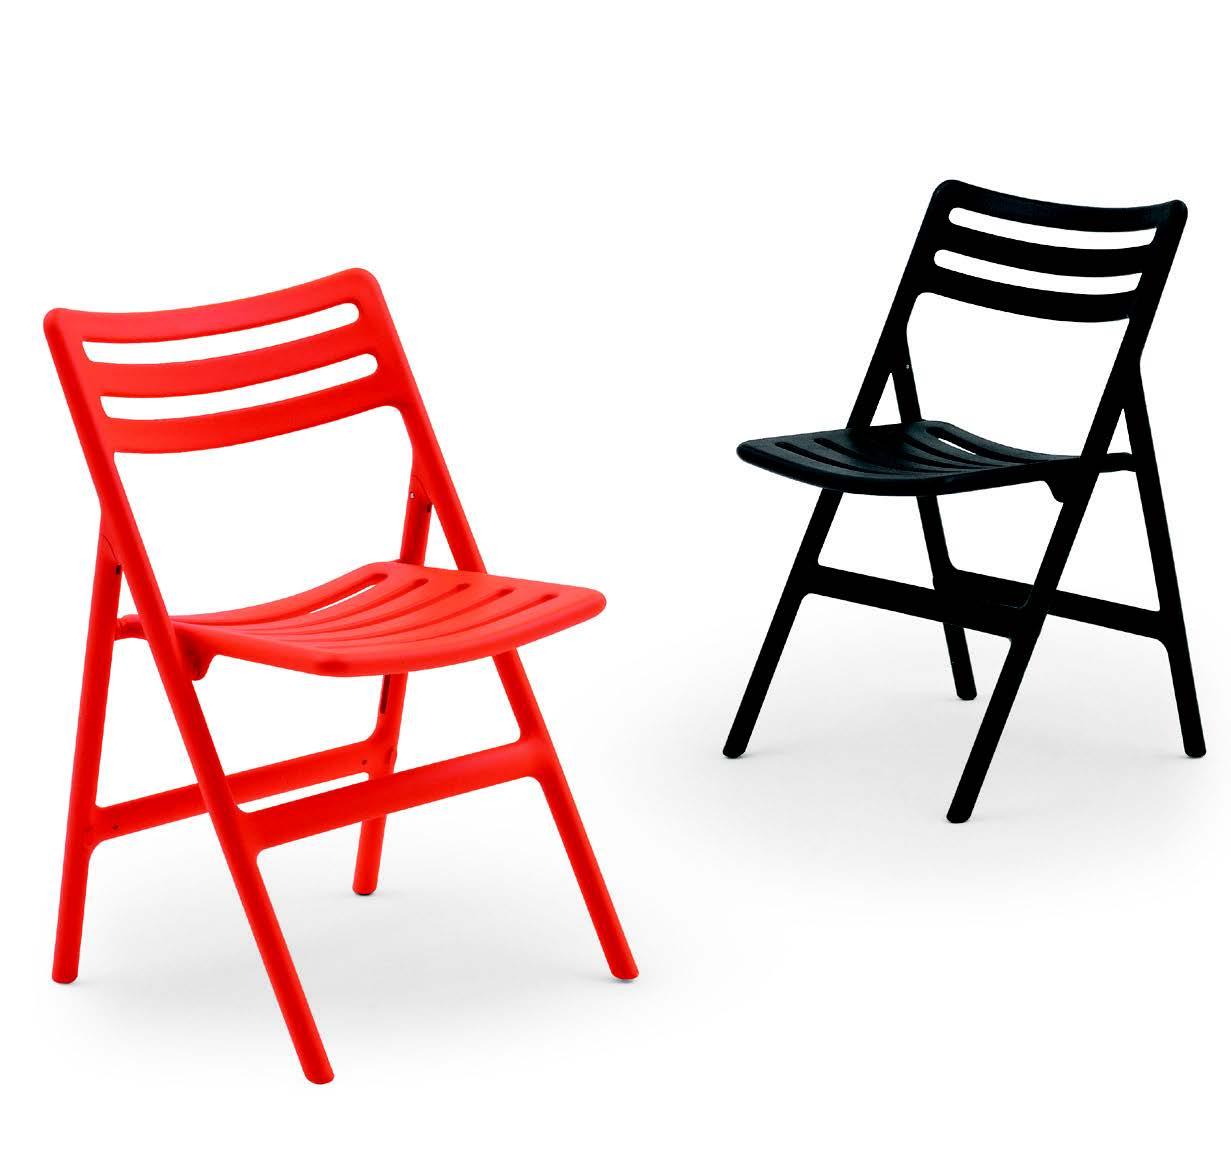 Sedia pieghevole folding galimberti sedie e tavoli for Galimberti sedie